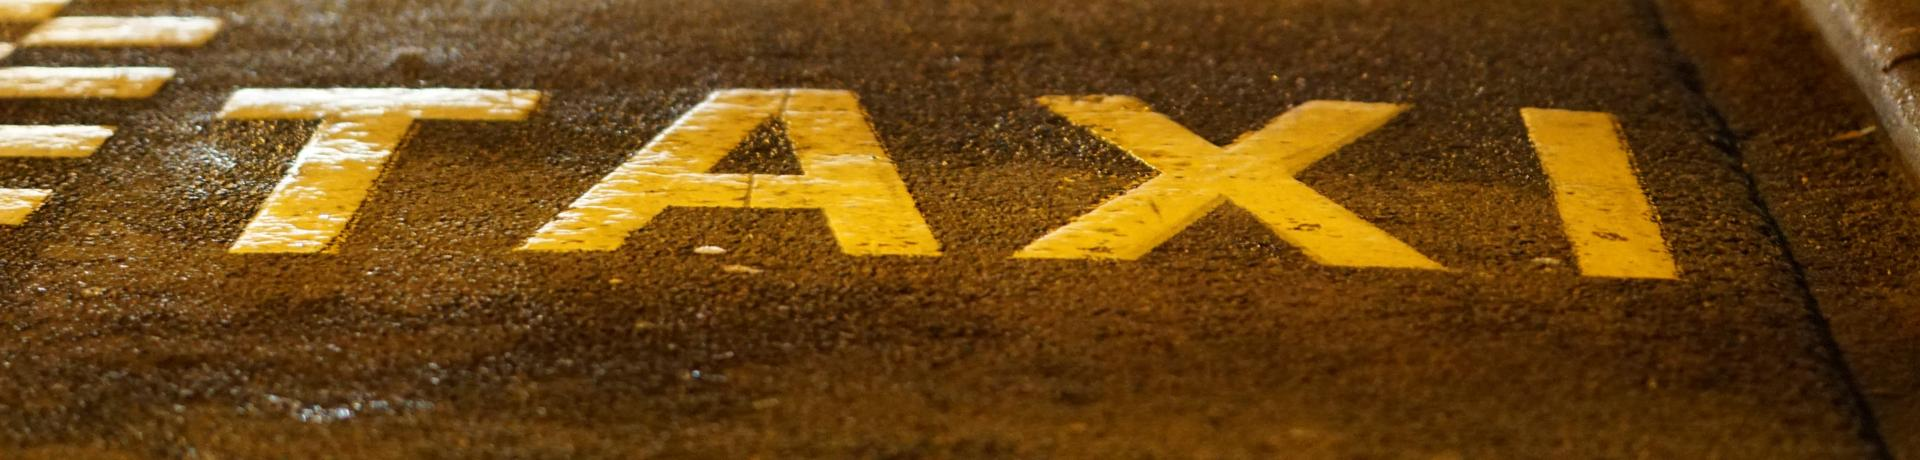 Taxi+GI-892944788.jpg